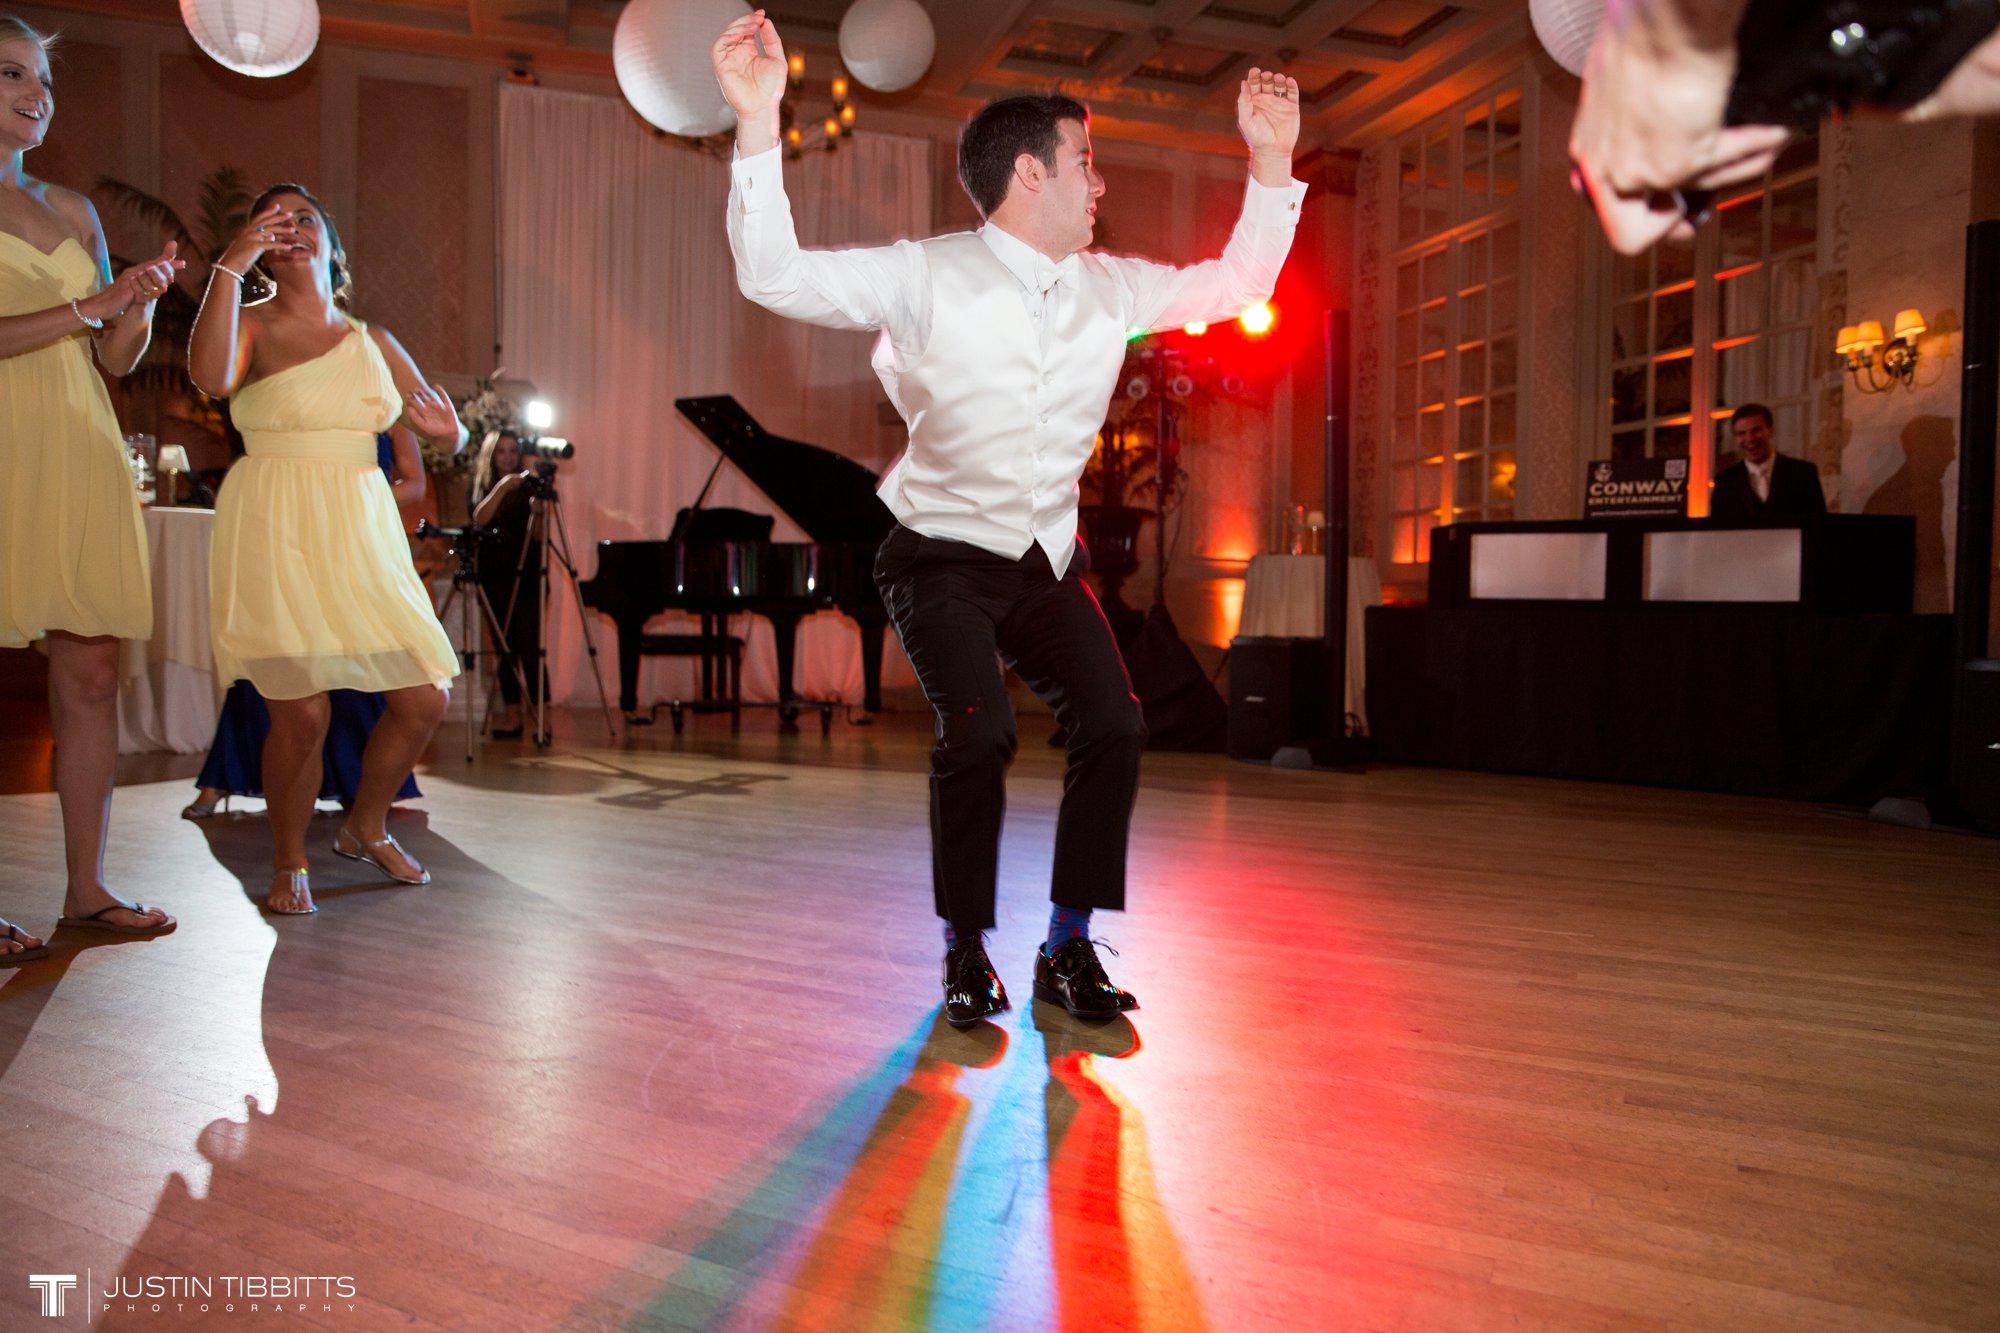 Albany NY Wedding Photographer Justin Tibbitts Photography Albany NY Best of Weddings6Albany NY Wedding Photographer Justin Tibbitts Photography Albany NY Best of Weddings8